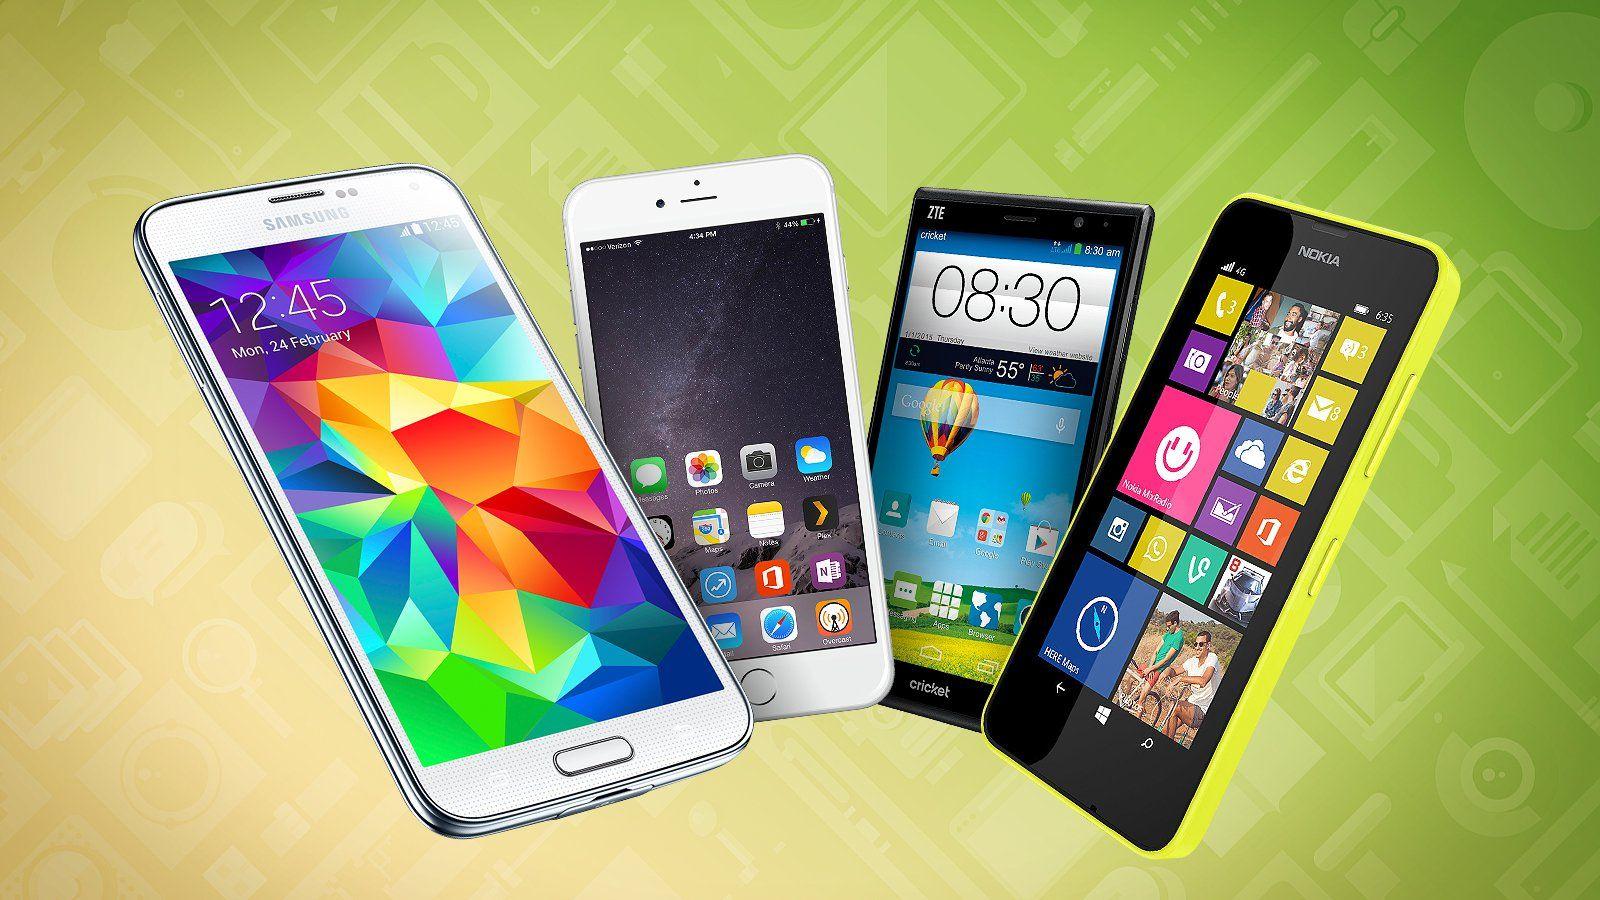 أهم الهواتف التي سيتم الكشف عنها خلال النصف الثاني من عام 2016 Android Apps Android Phone Phone